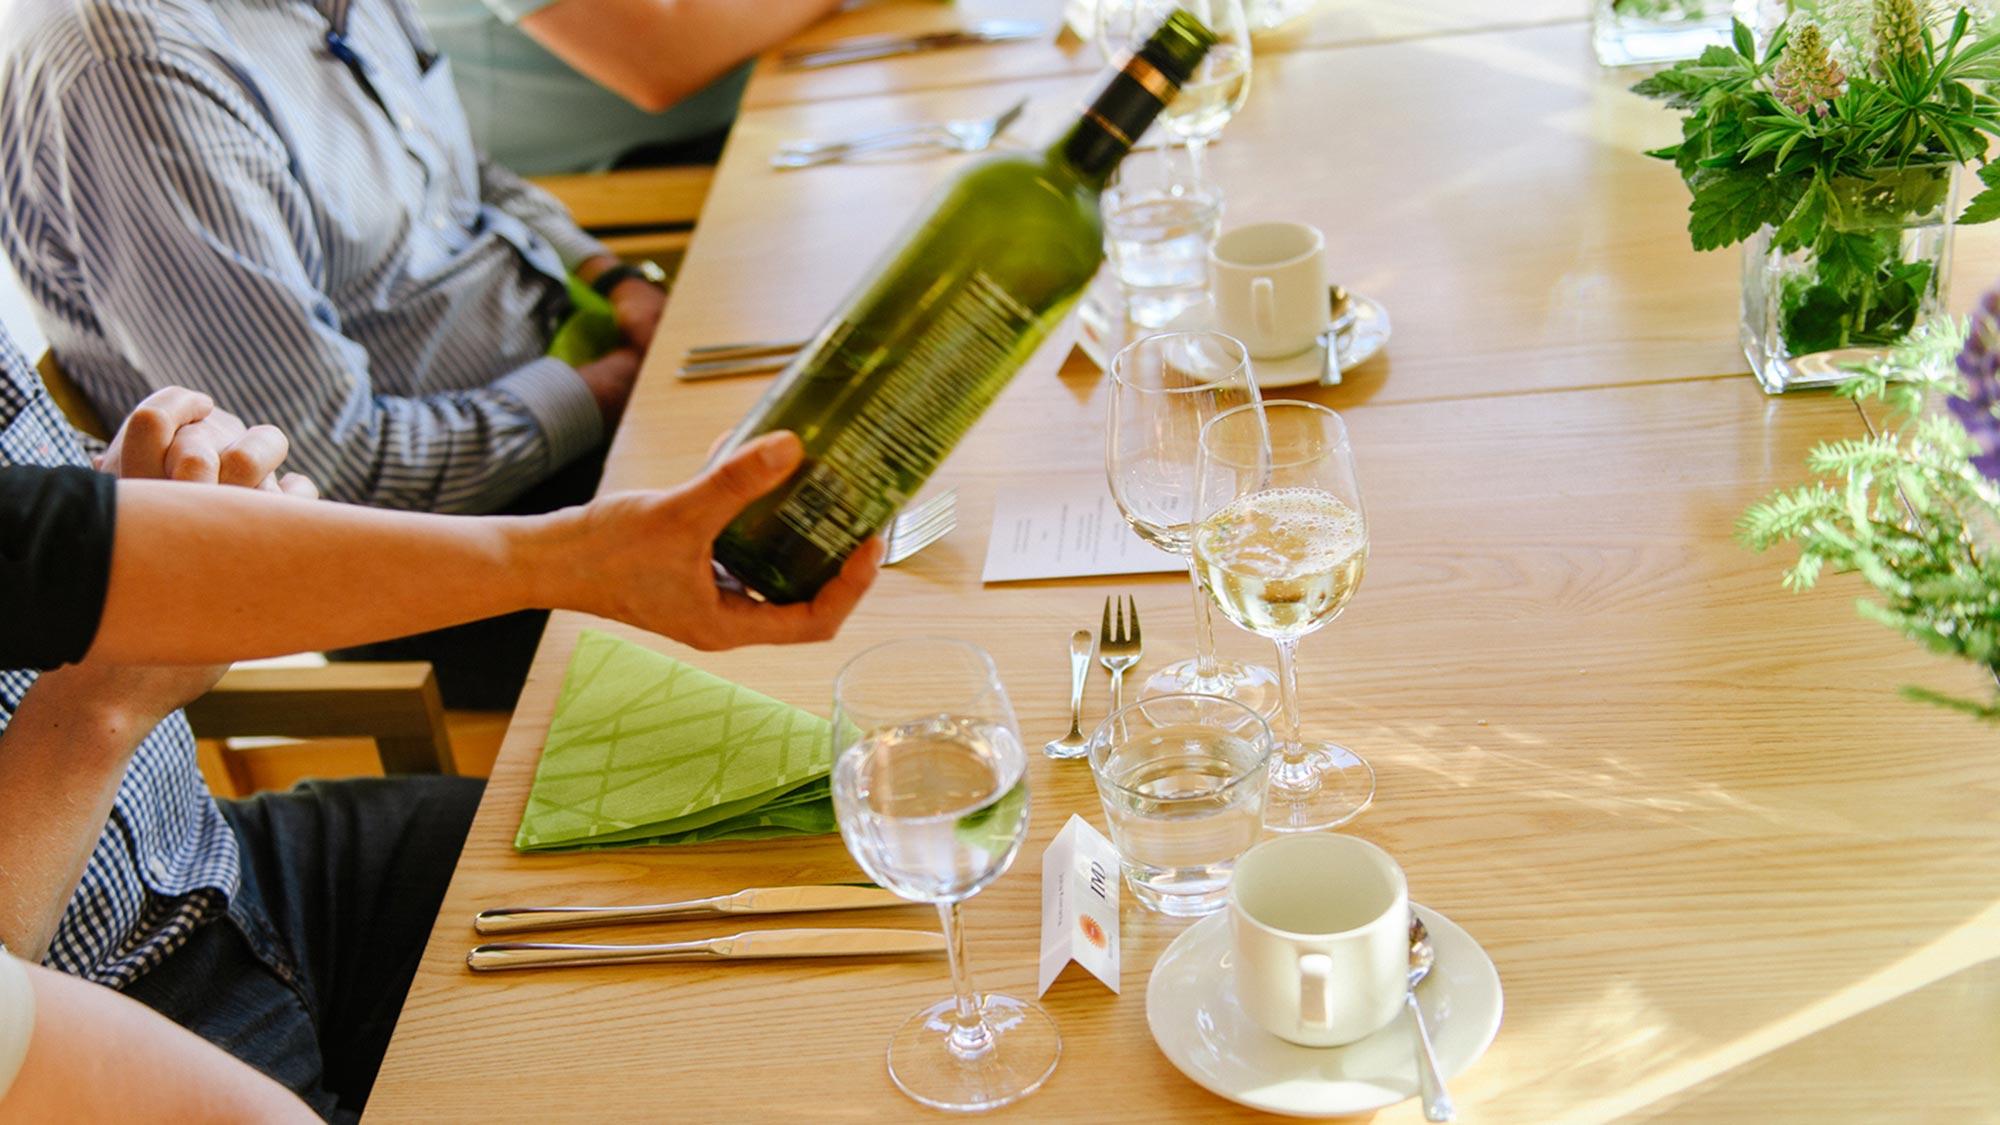 Moderni Hotel Matts tarjoaa kokous- ja tapahtumatiloja yritysten kokouksiin ja tilaisuuksiin Espoossa.